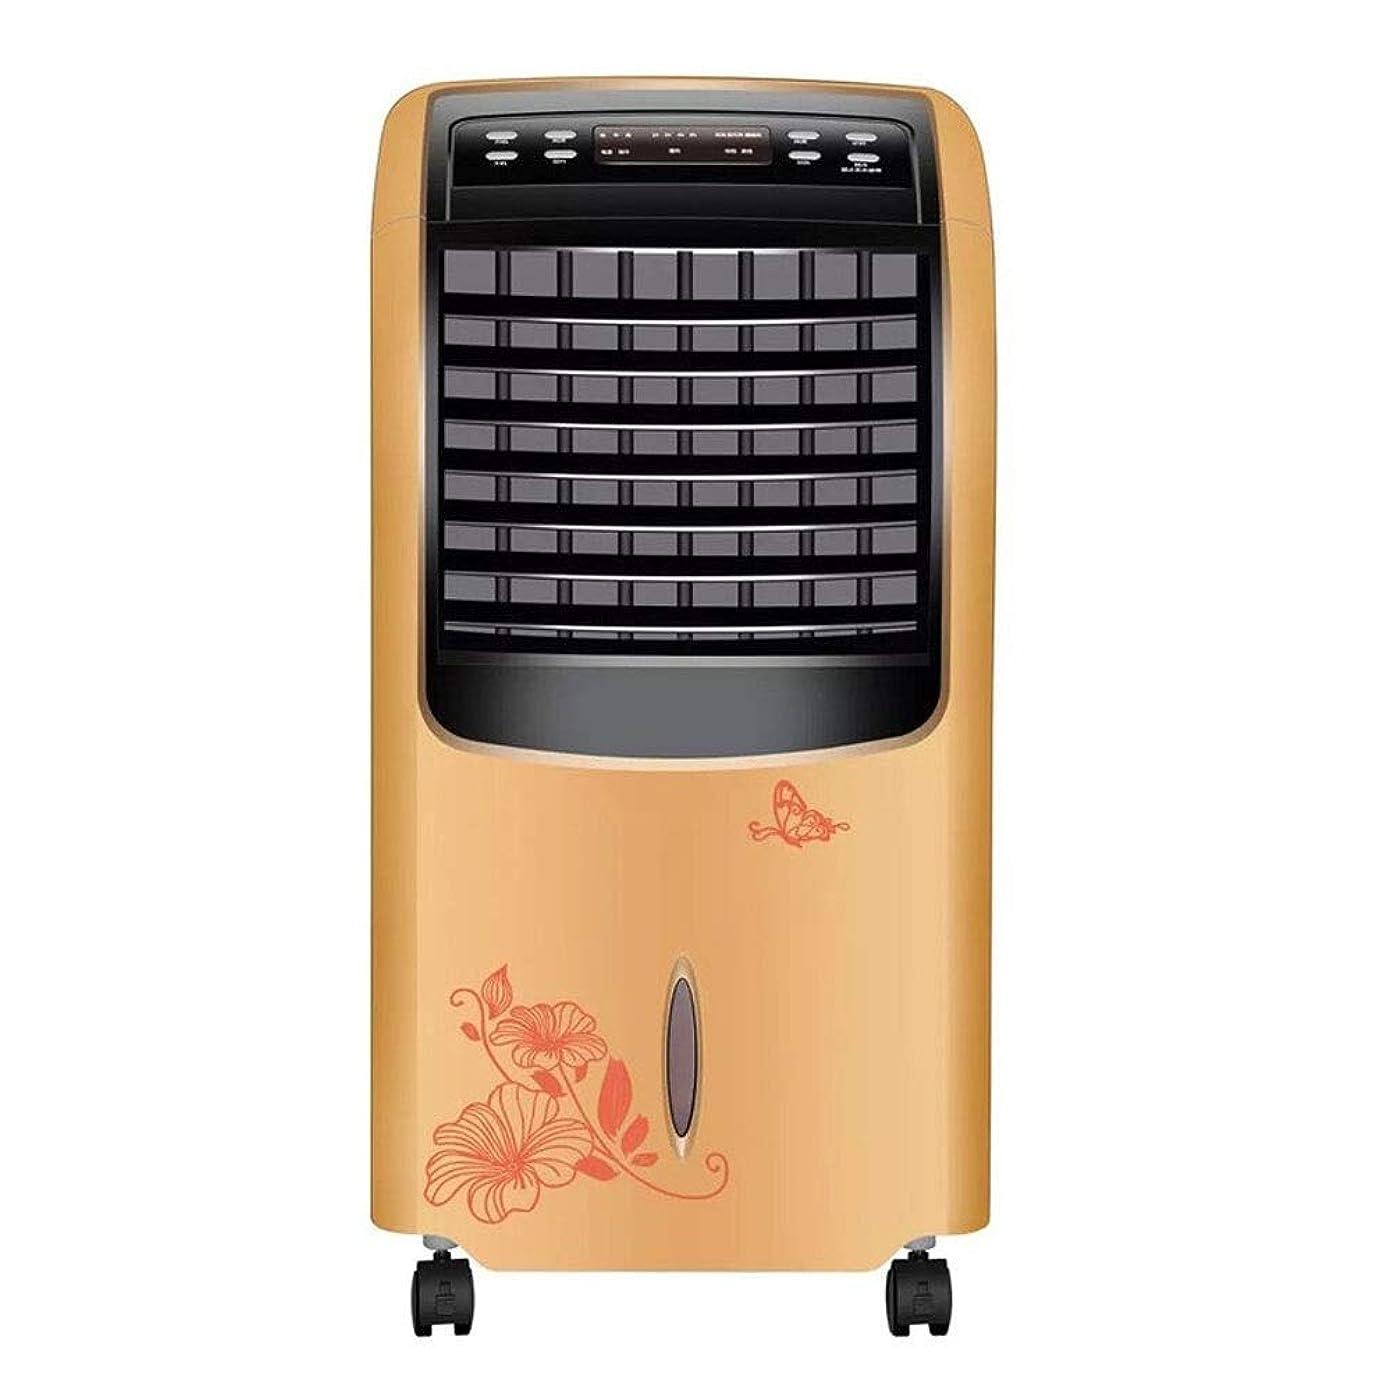 速いヒューバートハドソン審判YZJL-ポータブルエアコン 垂直冷暖房兼用エアコンファンヒーターヒーター家庭用冷却ファン携帯小型エアコンサイレントリモコン